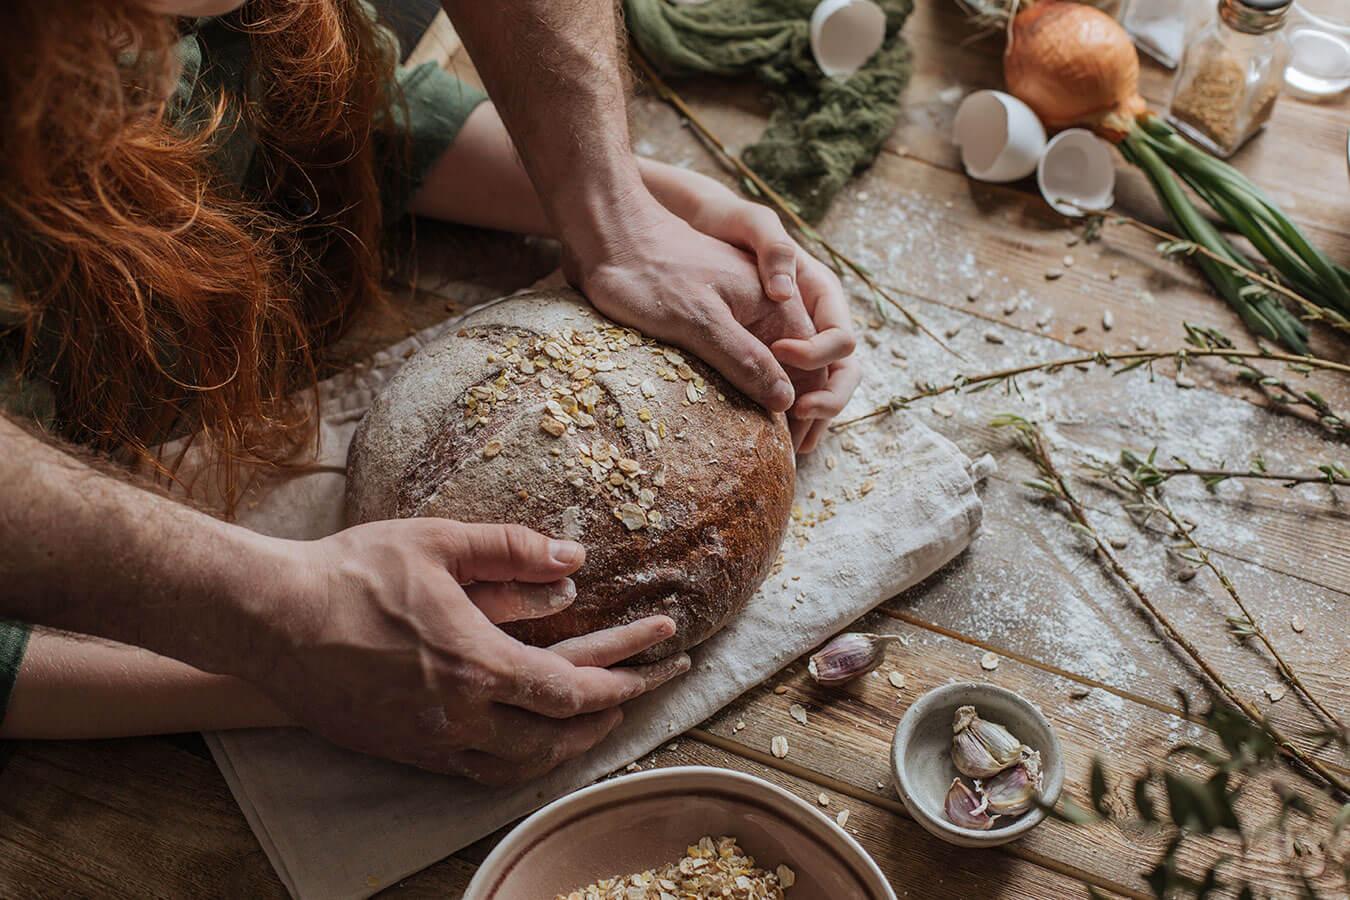 Dlaczego domowy chleb się kruszy?